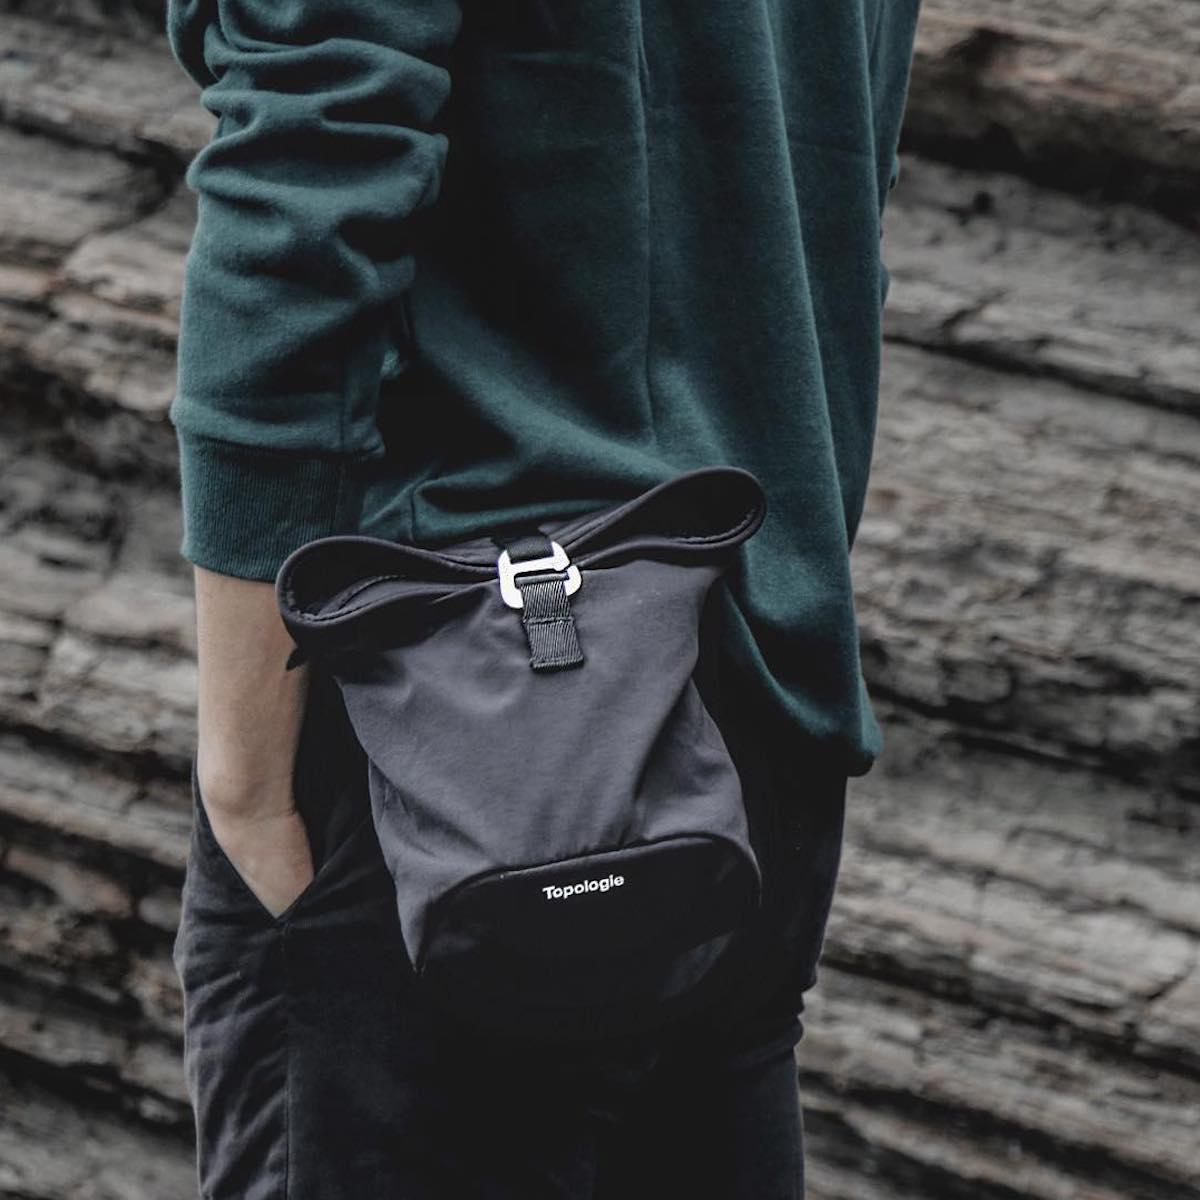 シーンや装いに合わせて4通りもの使い方ができる便利な4WAYウエストバッグ | Topologie